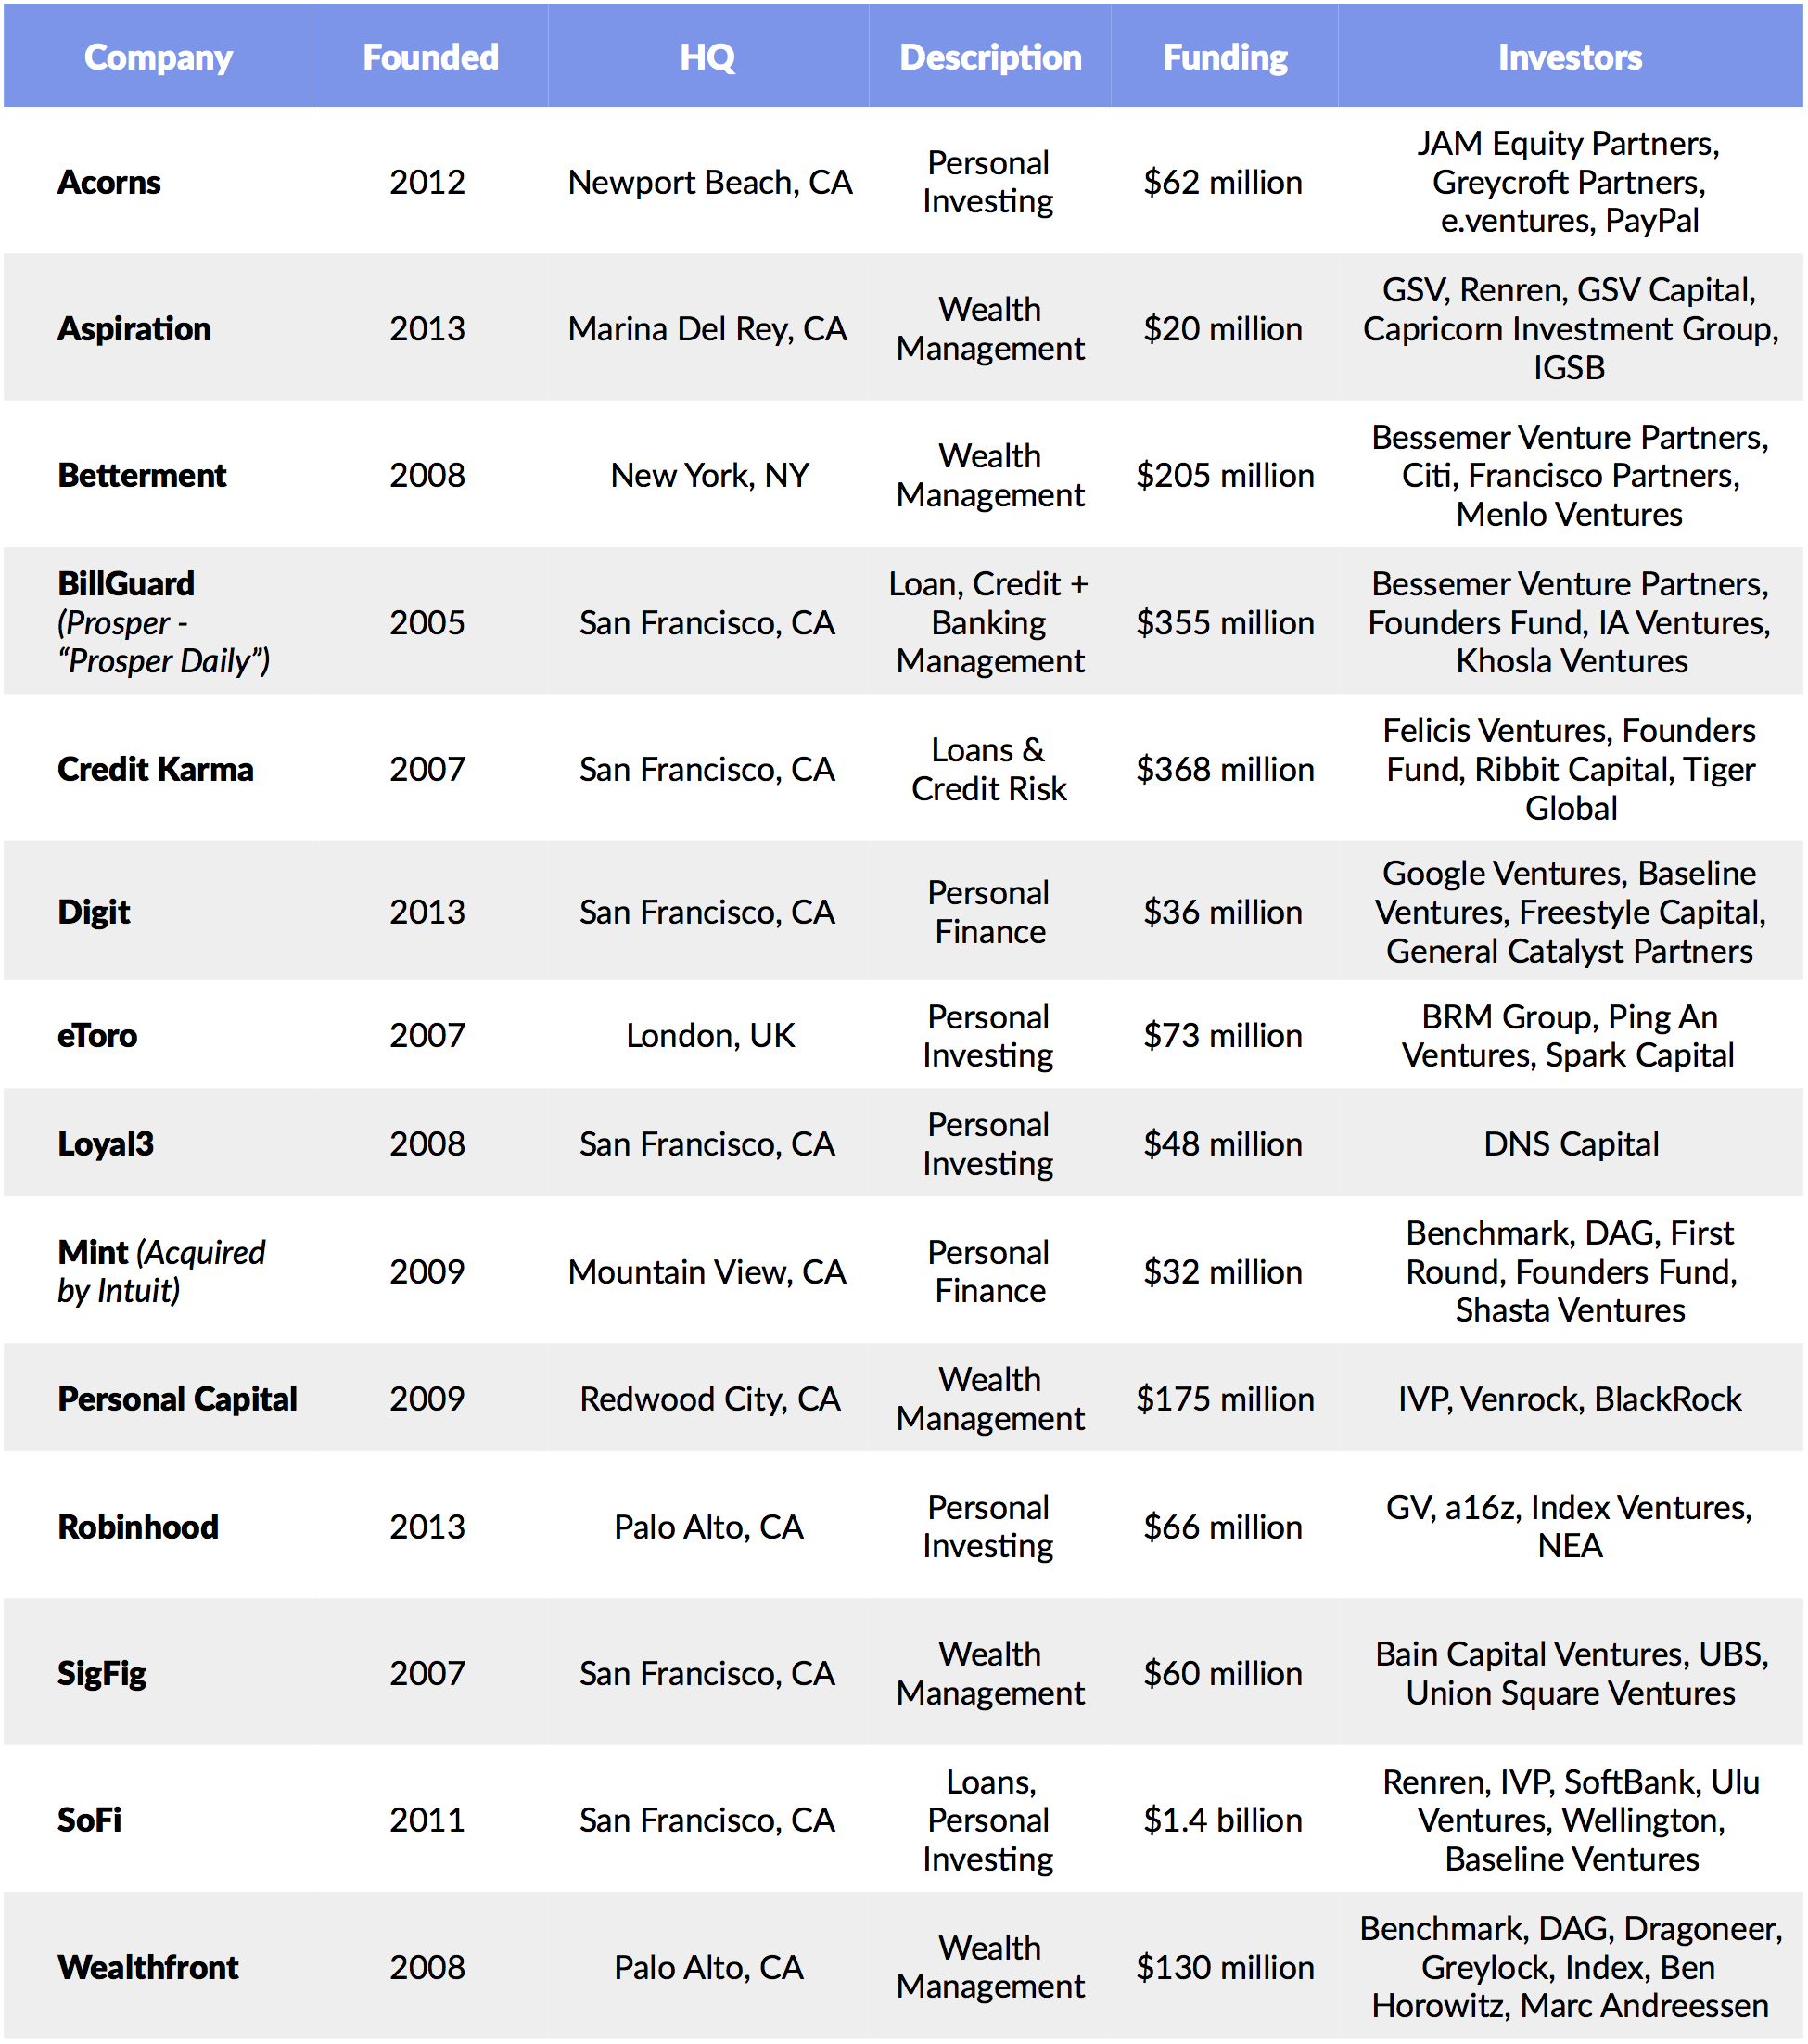 Blue apron crunchbase - Source Company Disclosures Crunchbase Gsv Asset Management